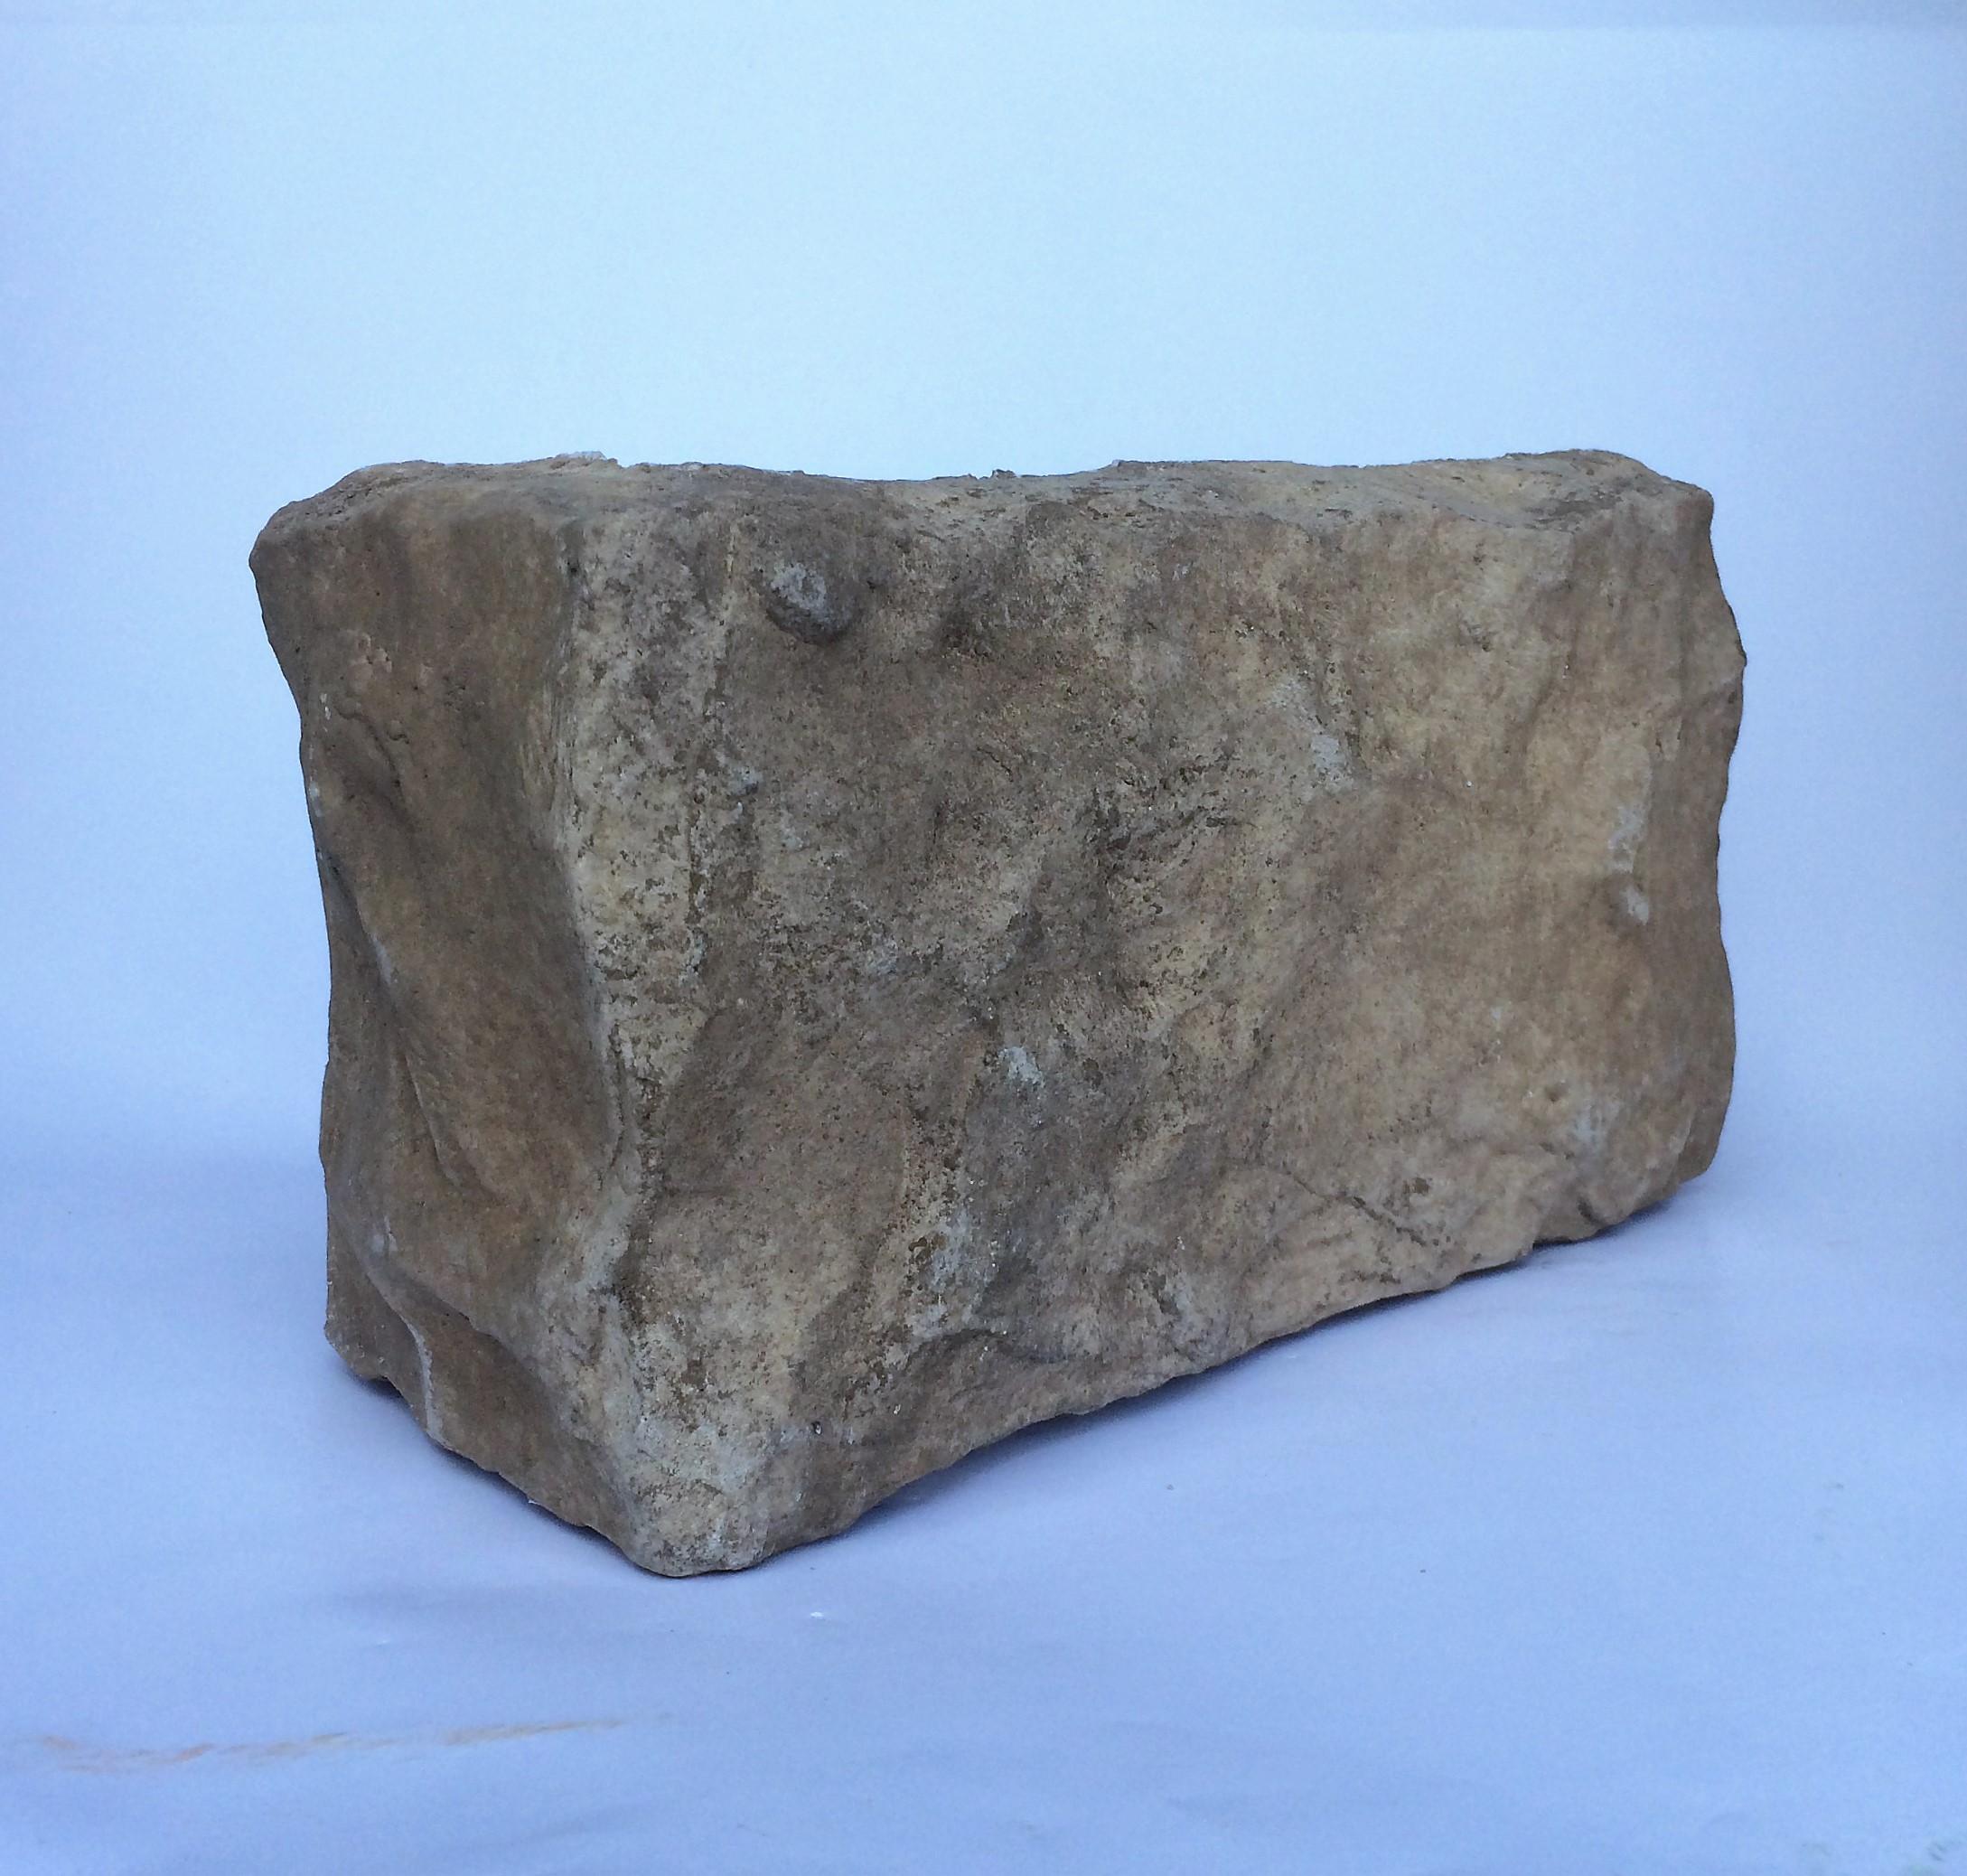 kámen umělý hradní zeď Champagne, imitace kamene do interiéru, dekorační kám,rohový prvek Hradní zeď Basalt 027